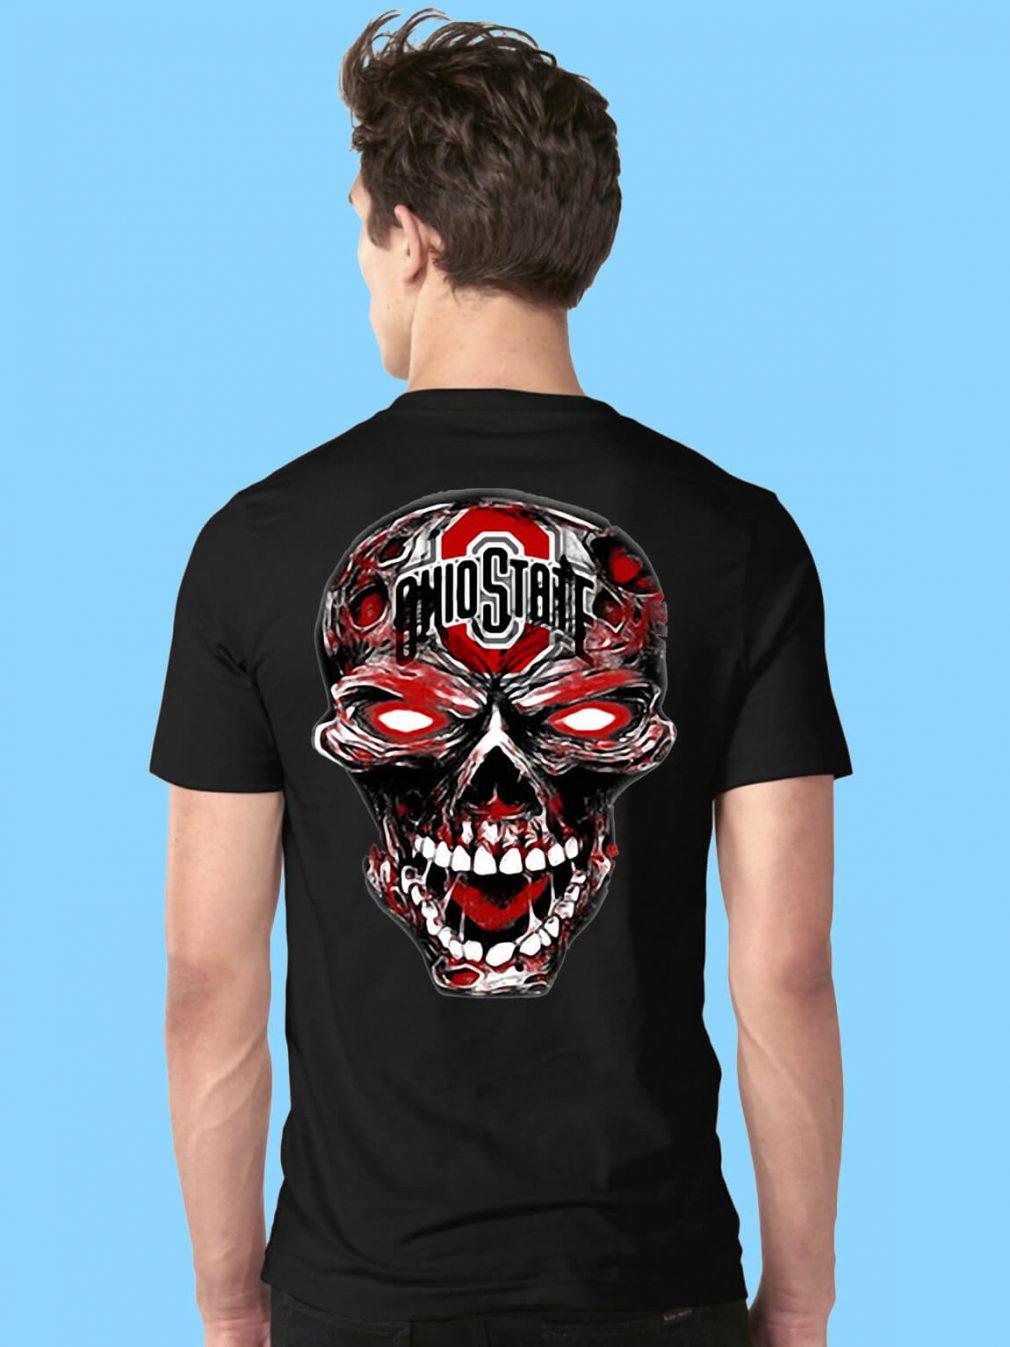 Ohio State Buckeyes skull shirt